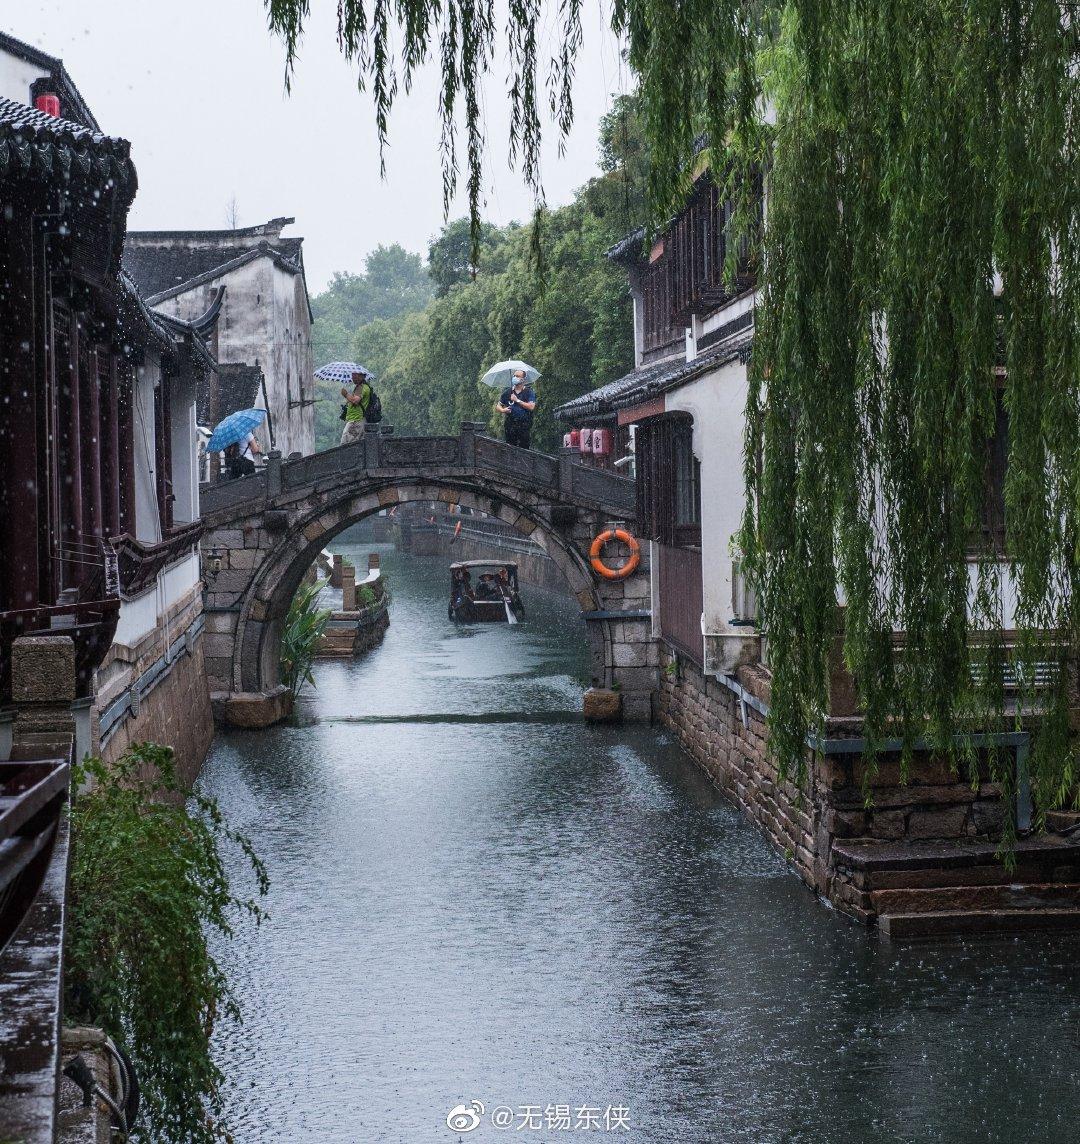 苏州平江路,摇撸的小船往来穿梭在古朴的小桥流水间,摇船的船娘